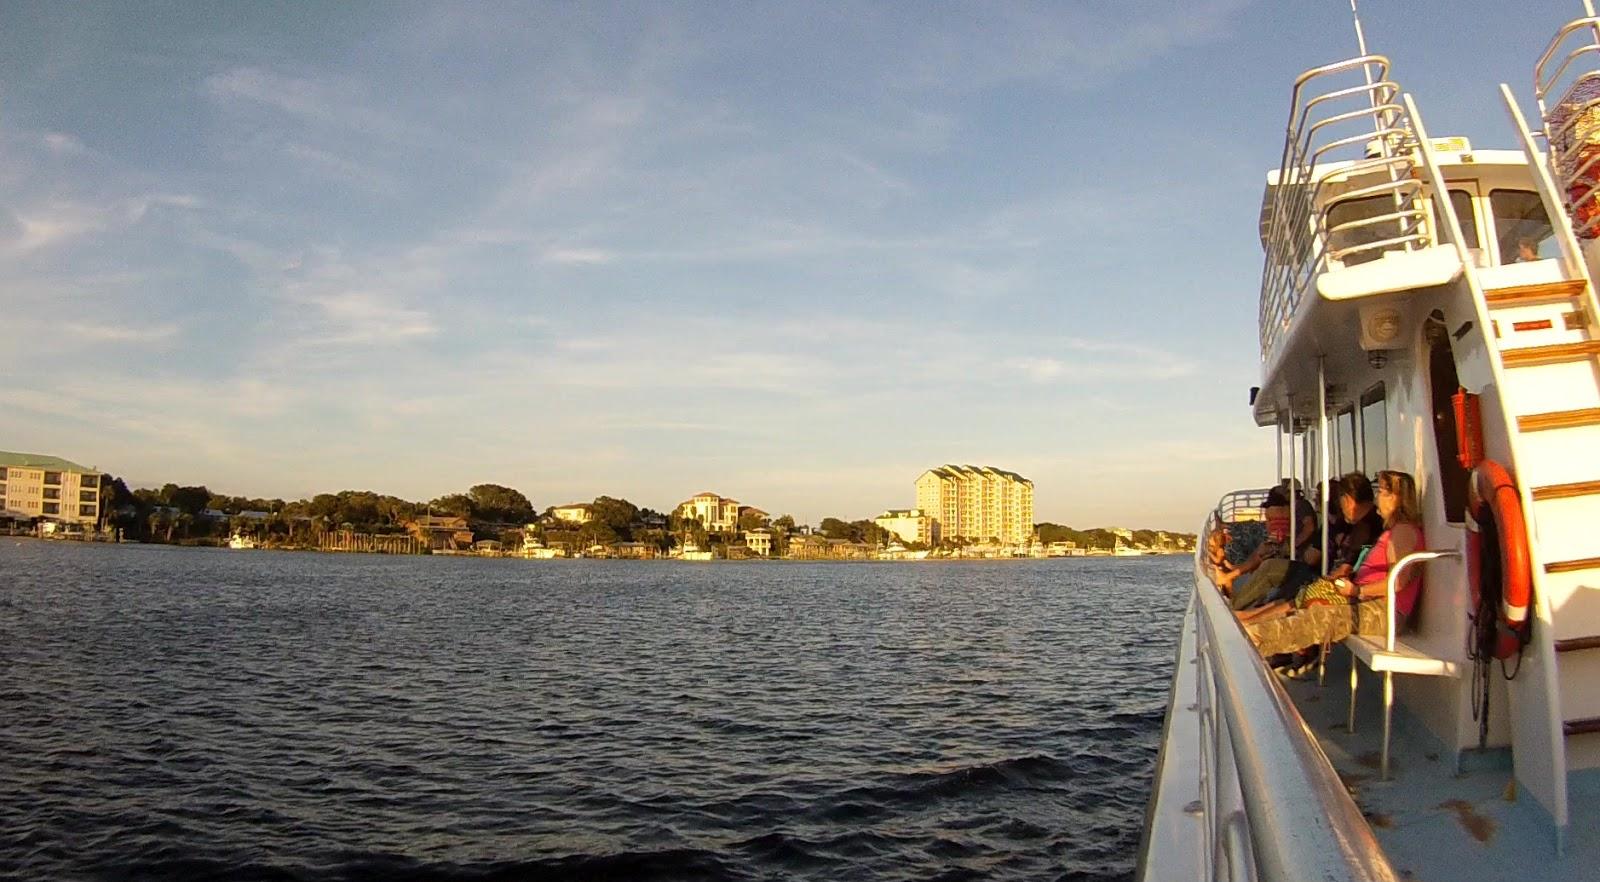 Hafenrundfahrt durch Destin, Florida